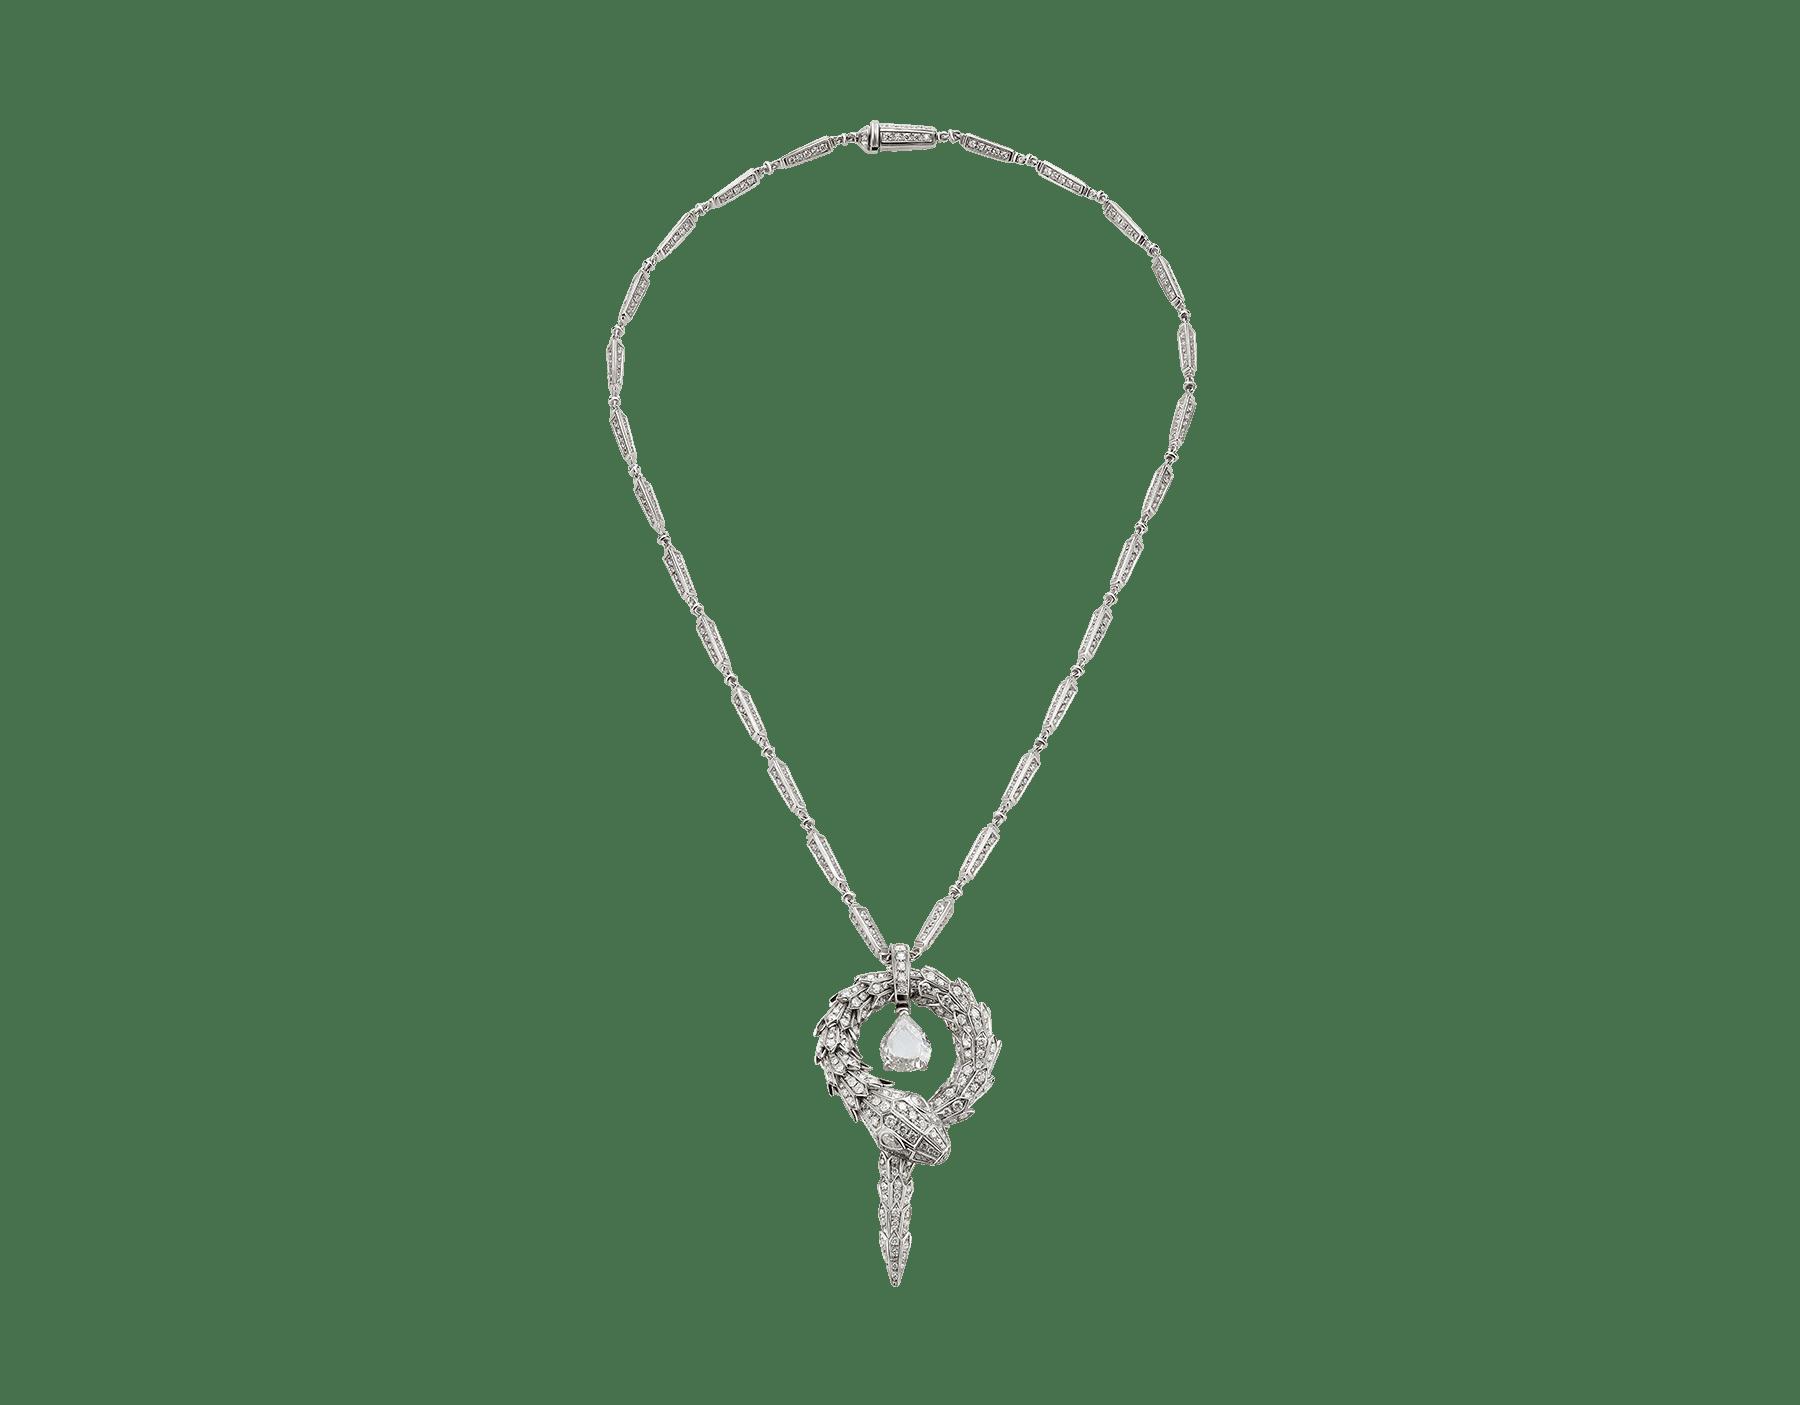 Petit pendentif Serpenti en or blanc 18K serti d'un diamant de centre avec pavé diamants 354088 image 1